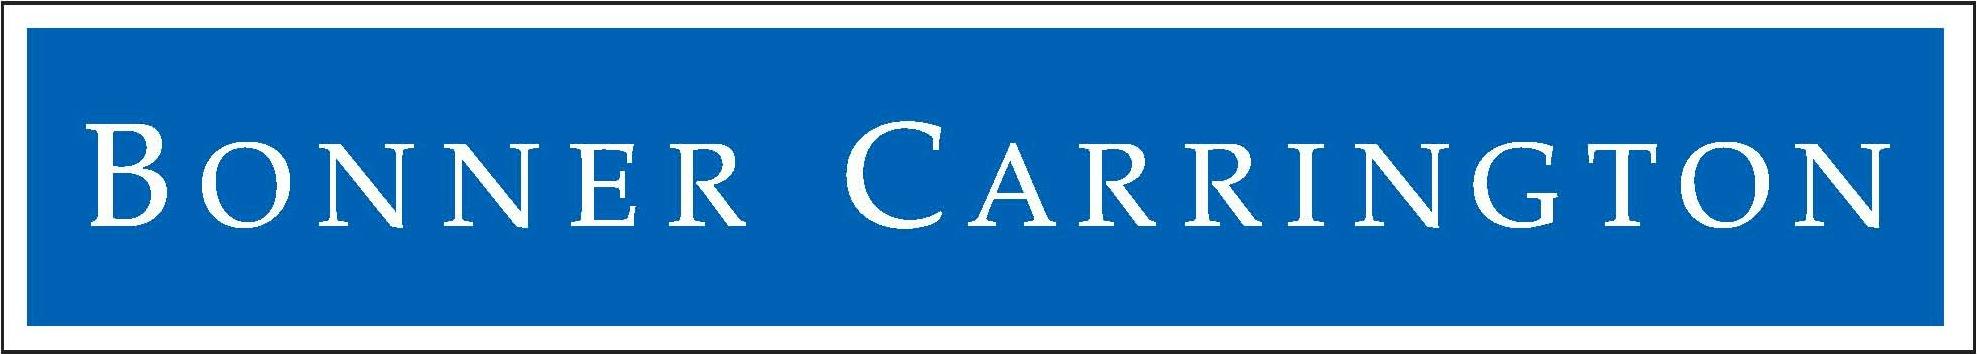 Bonner Carrington Logo.jpg